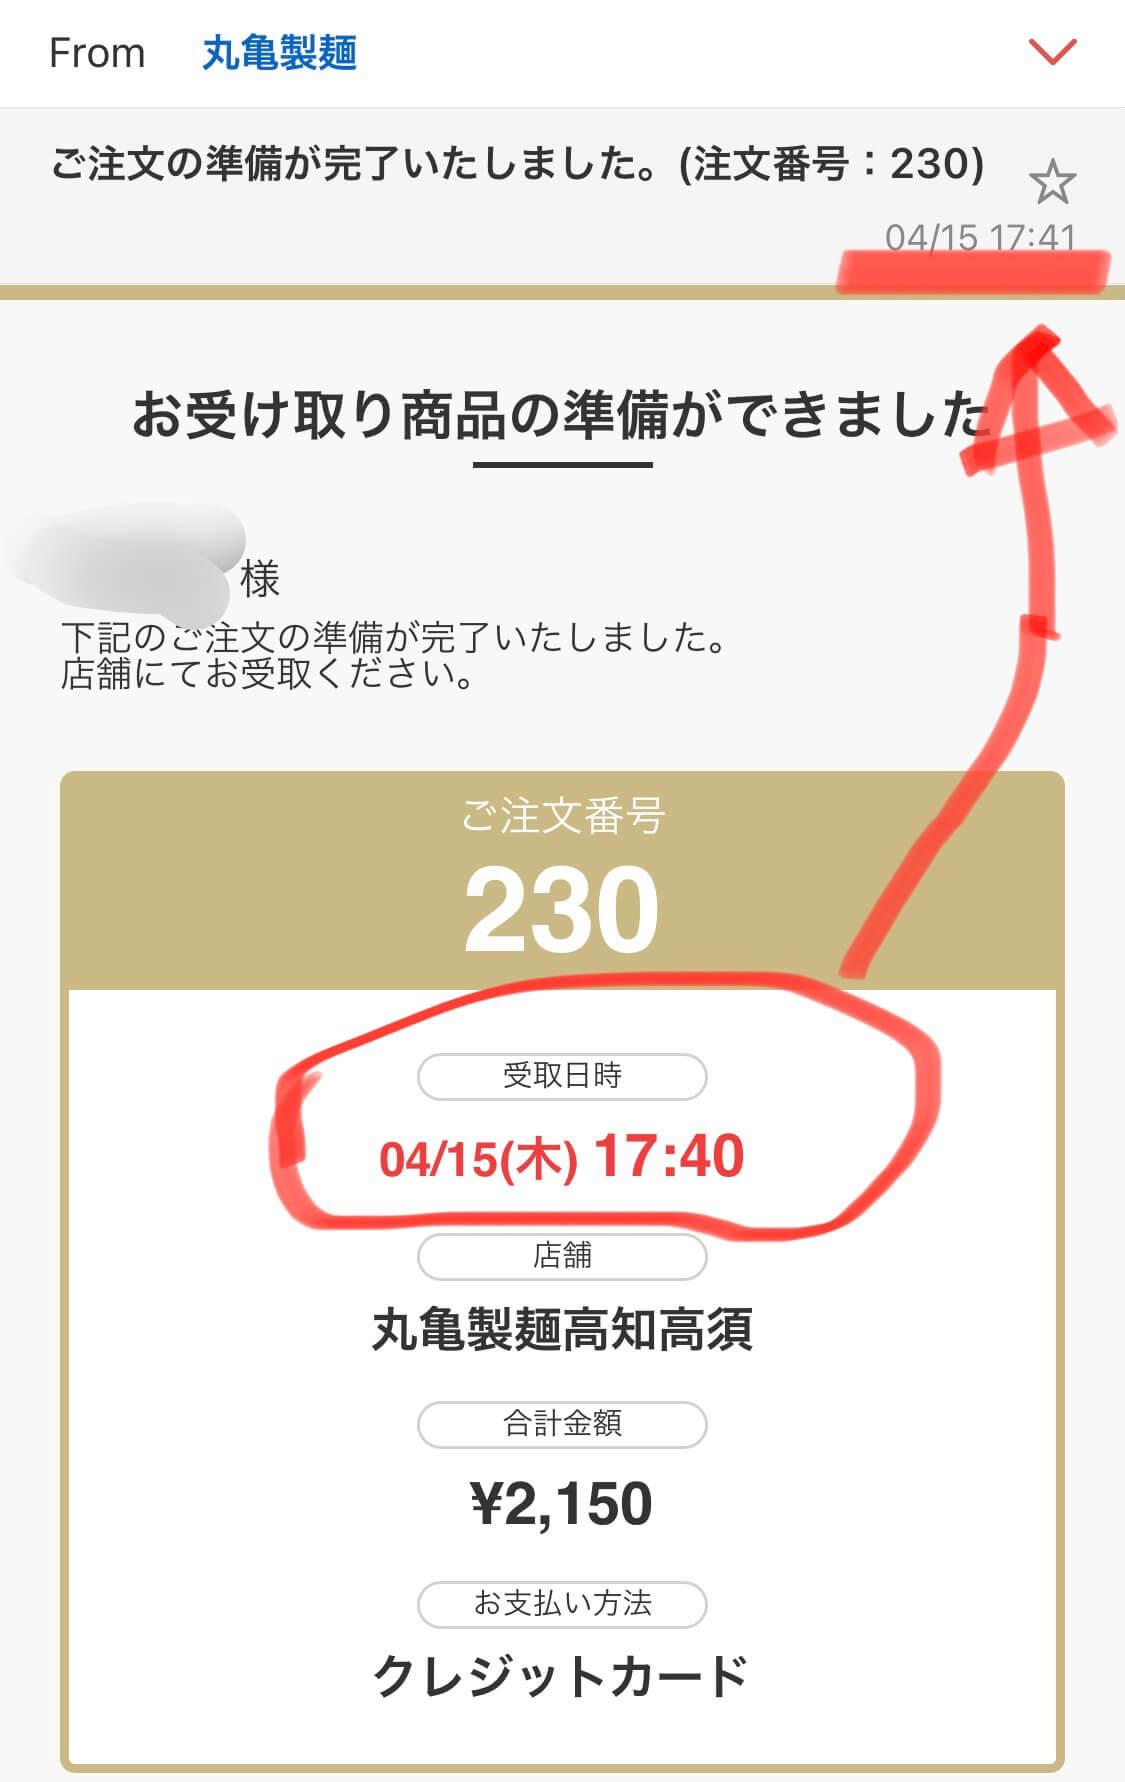 丸亀製麺 モバイルオーダー注文品が完成したことを知らせるメール画面